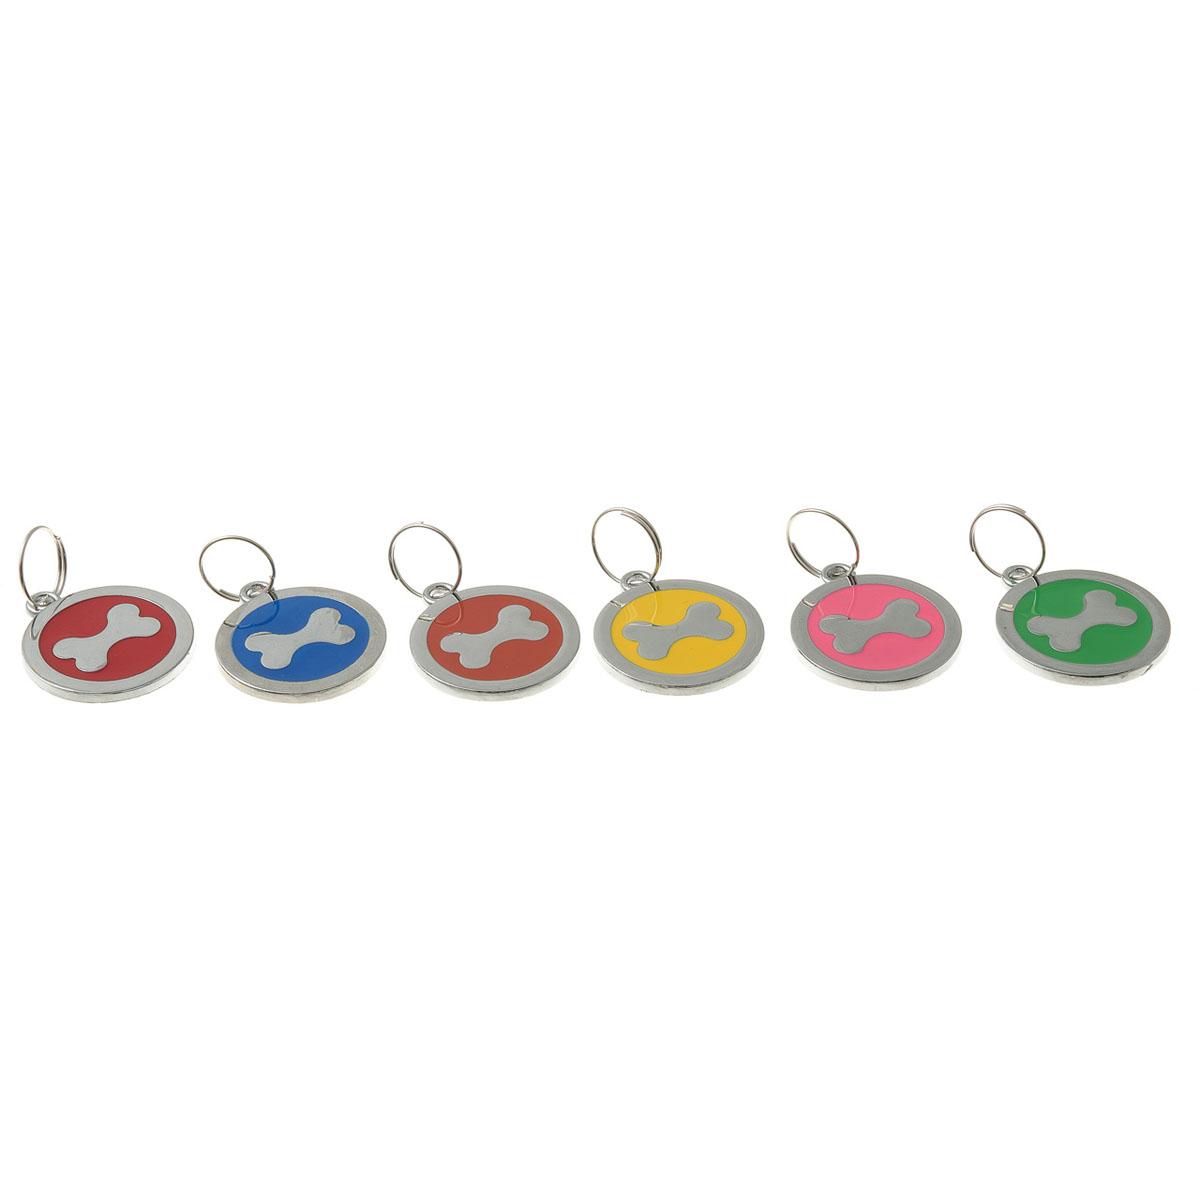 Адресник-косточка V.I.Pet, круглый 25 мм. 100211002Брелок на ошейник. Предназначено для животных в виде украшения, а также гравировки адреса и телефона владельца. Материал: нержавеющая сталь